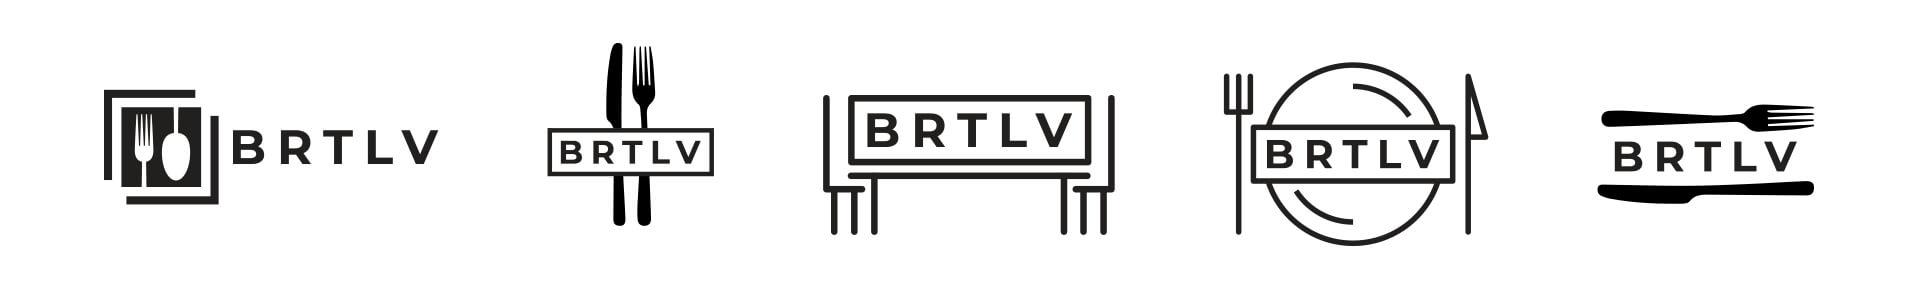 BRTLV